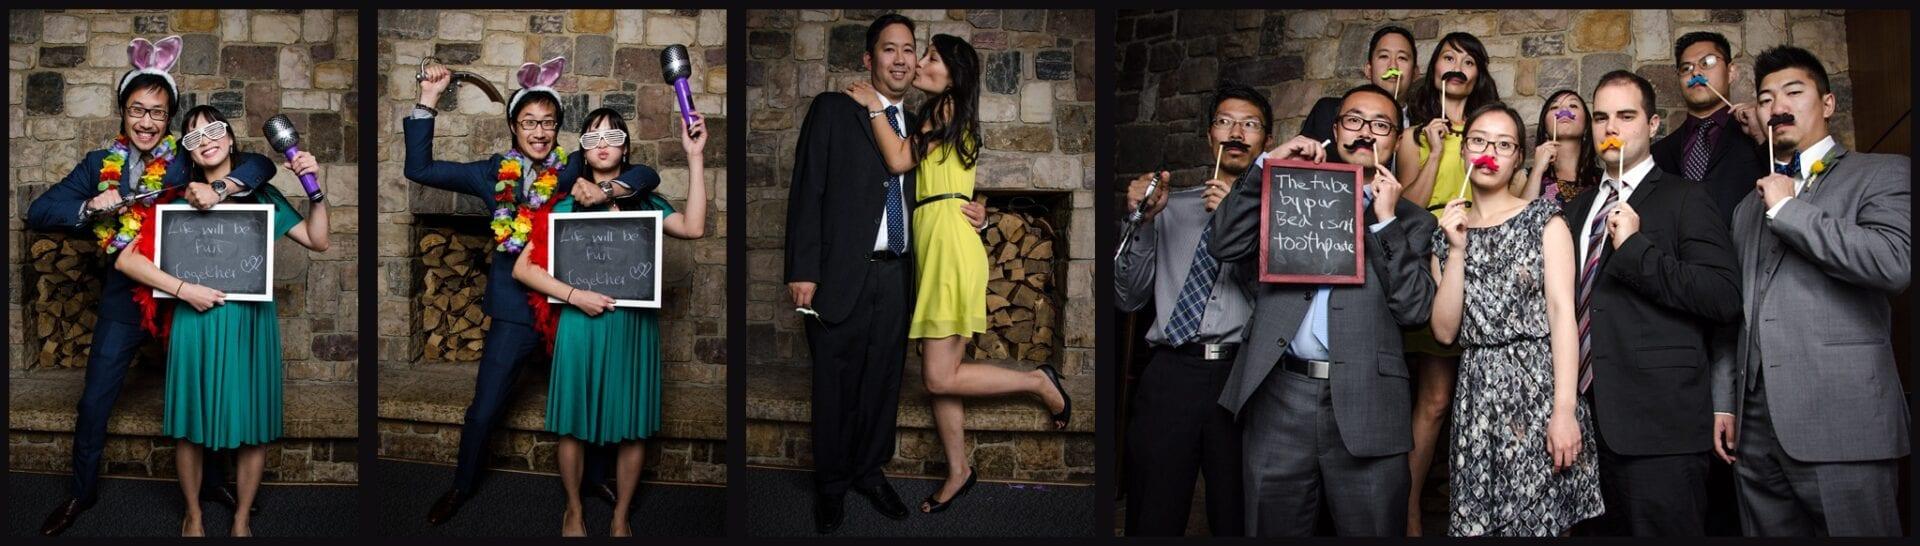 Edmonton-Wedding-photo-booth-Photography-132